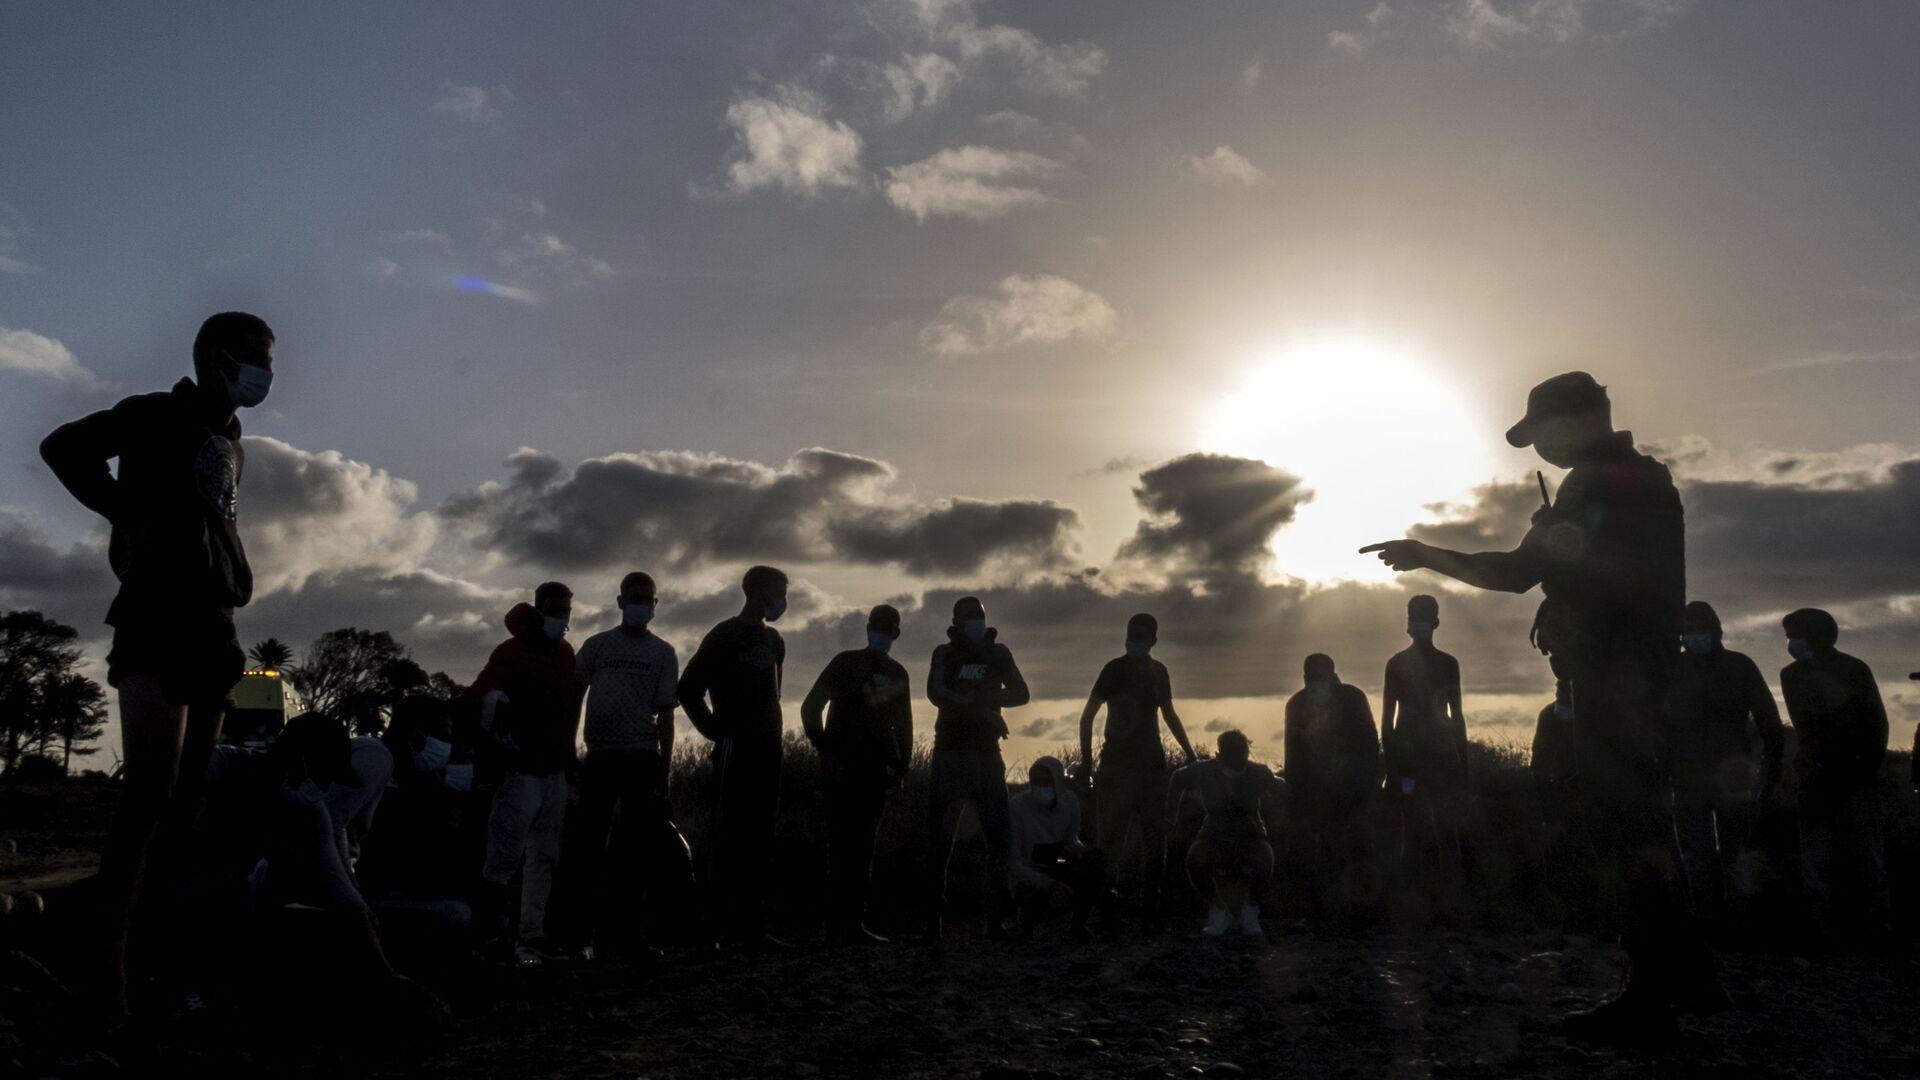 Migrantes de Marruecos son detenidos por la Policía española tras llegar a la costa de las Islas Canarias. 16 de octubre de 2020. - Sputnik Mundo, 1920, 06.02.2021